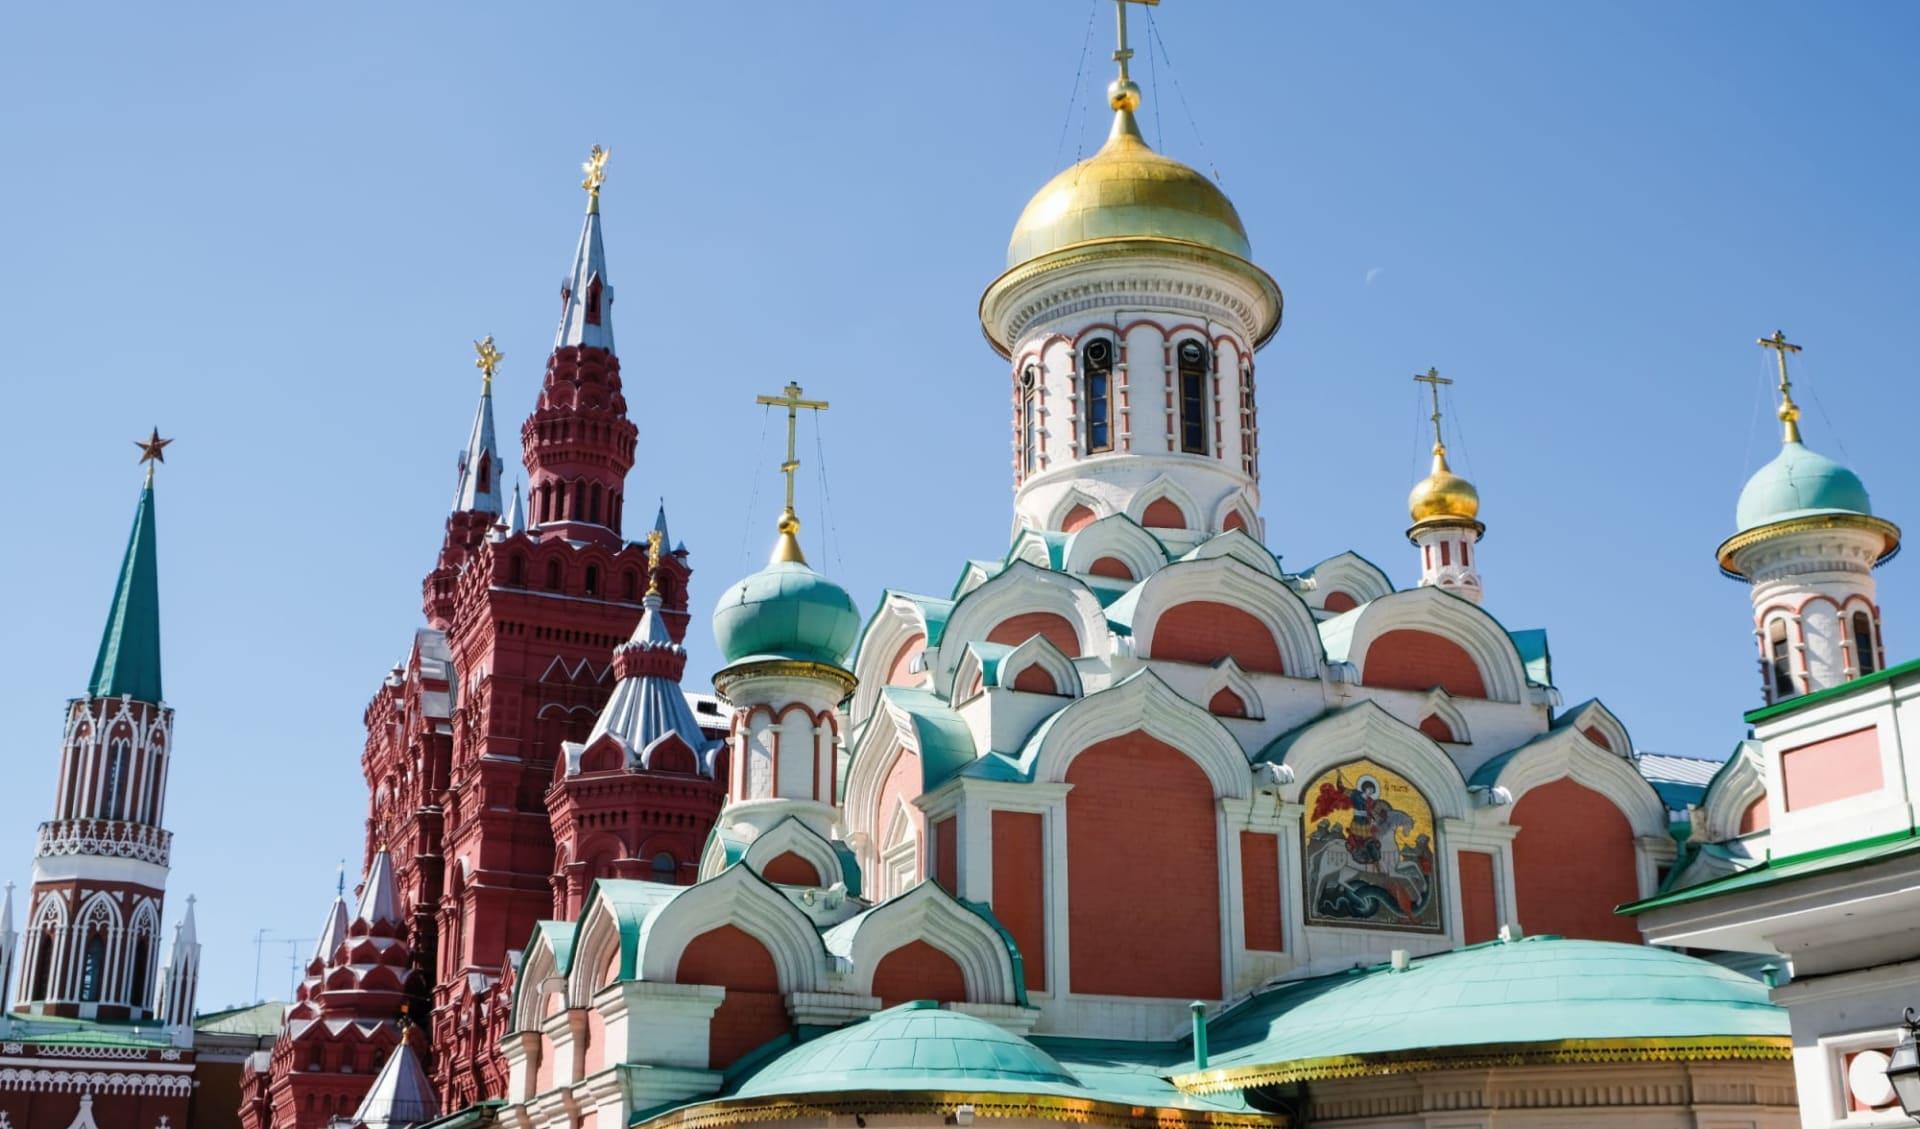 Sonderzug Zarengold von Moskau in die Mongolei - Mongoleirundreise und weiter nach Peking: Russland_Kasan_Kathedrale_